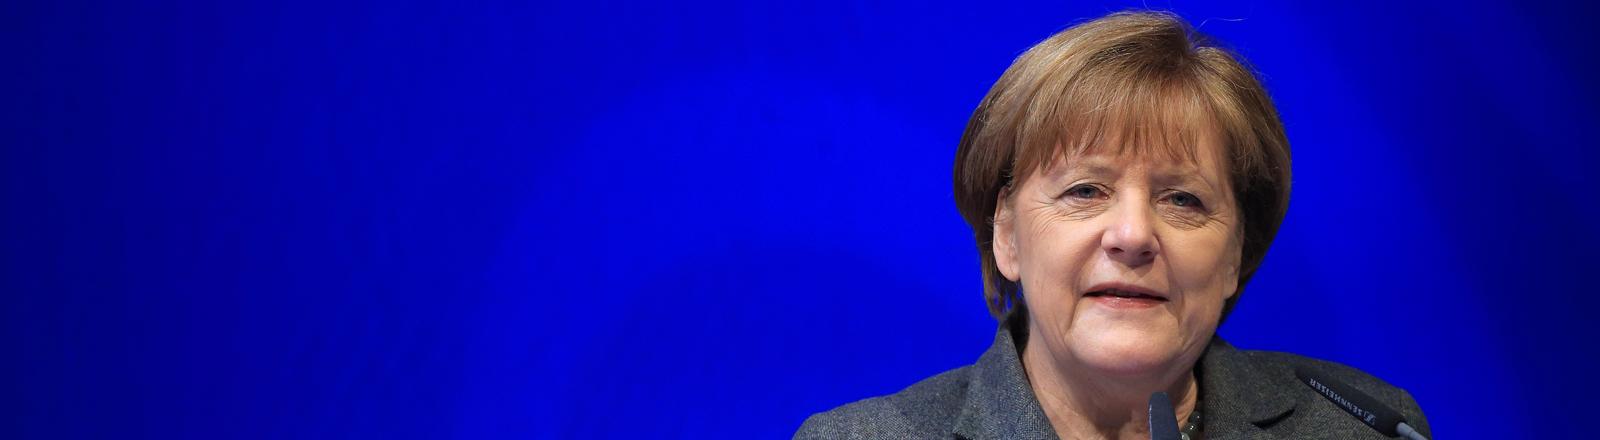 Angela Merkel spricht vor einer blauen Wand